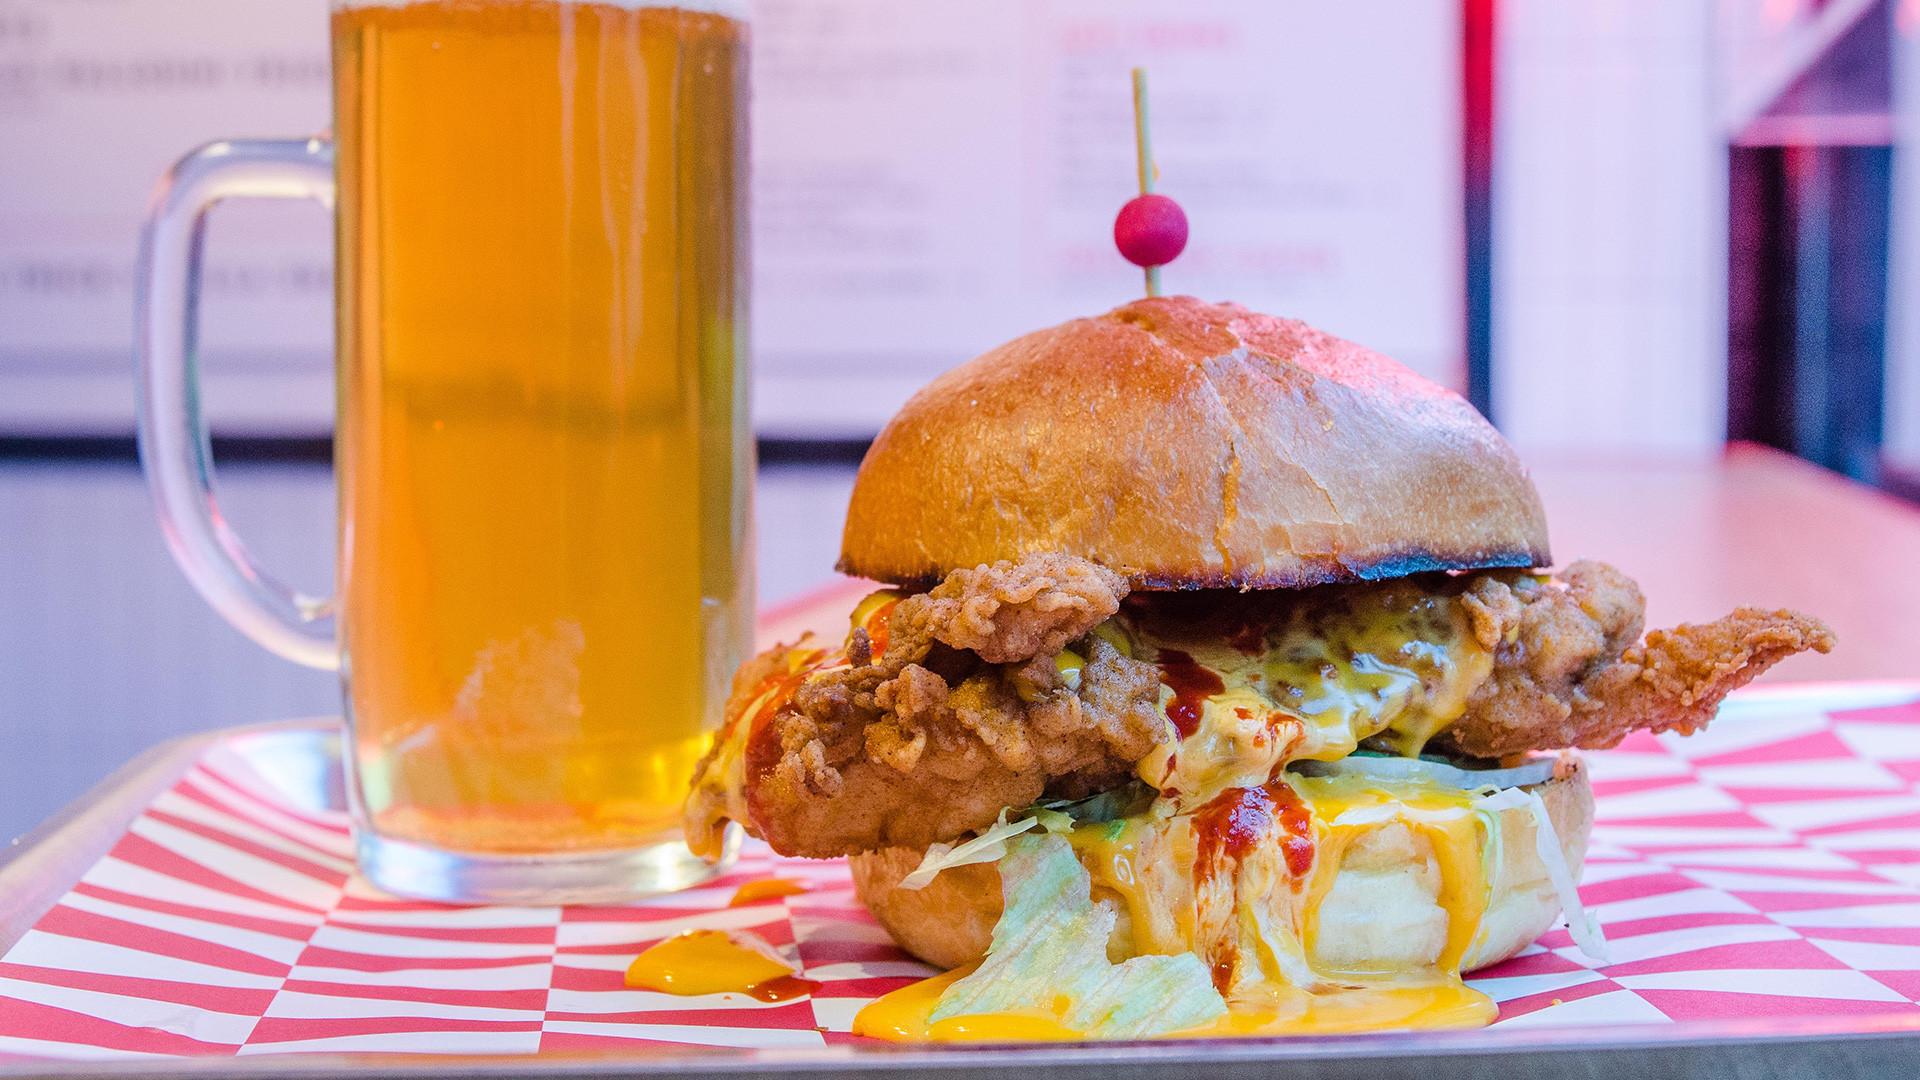 Butchies' Cheesy Rider chicken sandwich